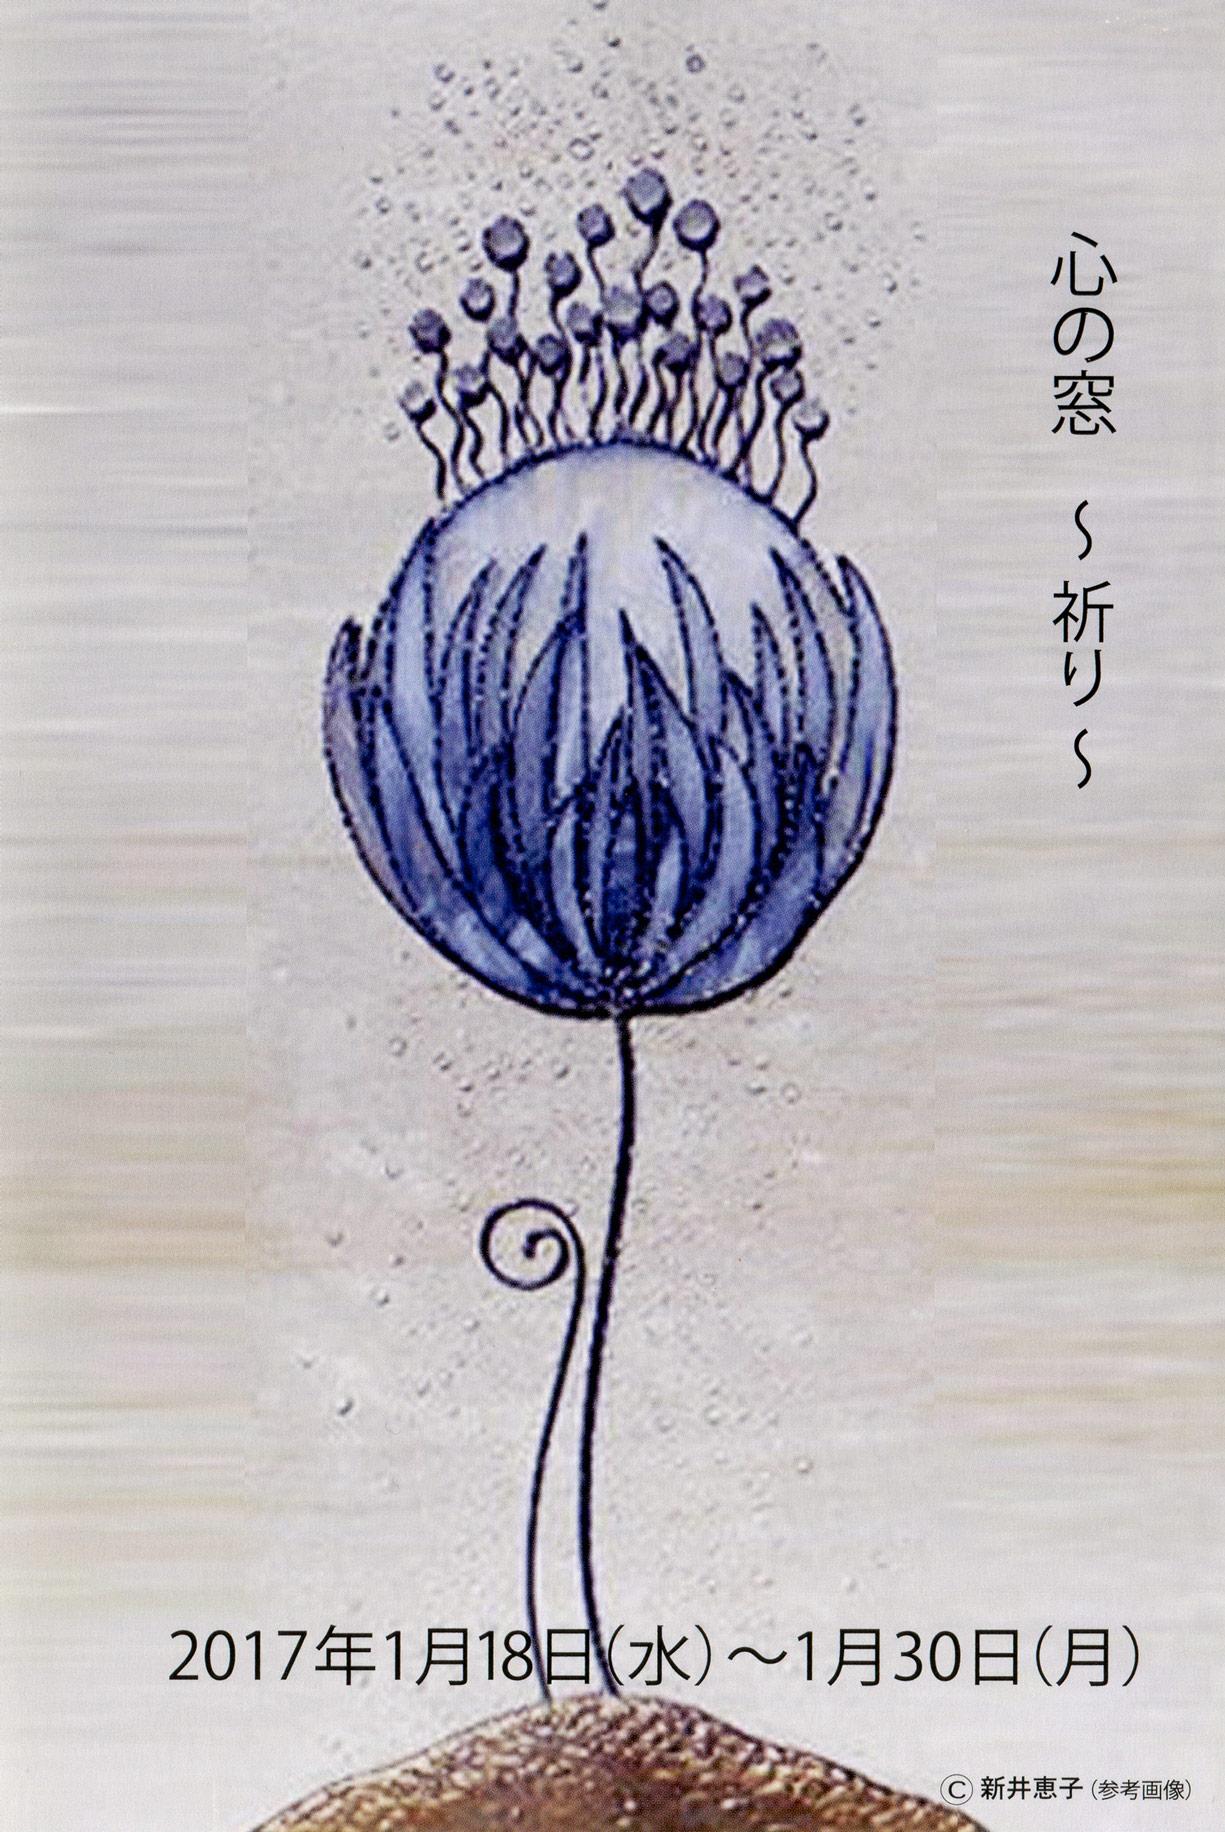 Inori • The Heart's Window Exhibition at Arts Rush Gallery, Daikanyama | 『心の窓~祈り~』展